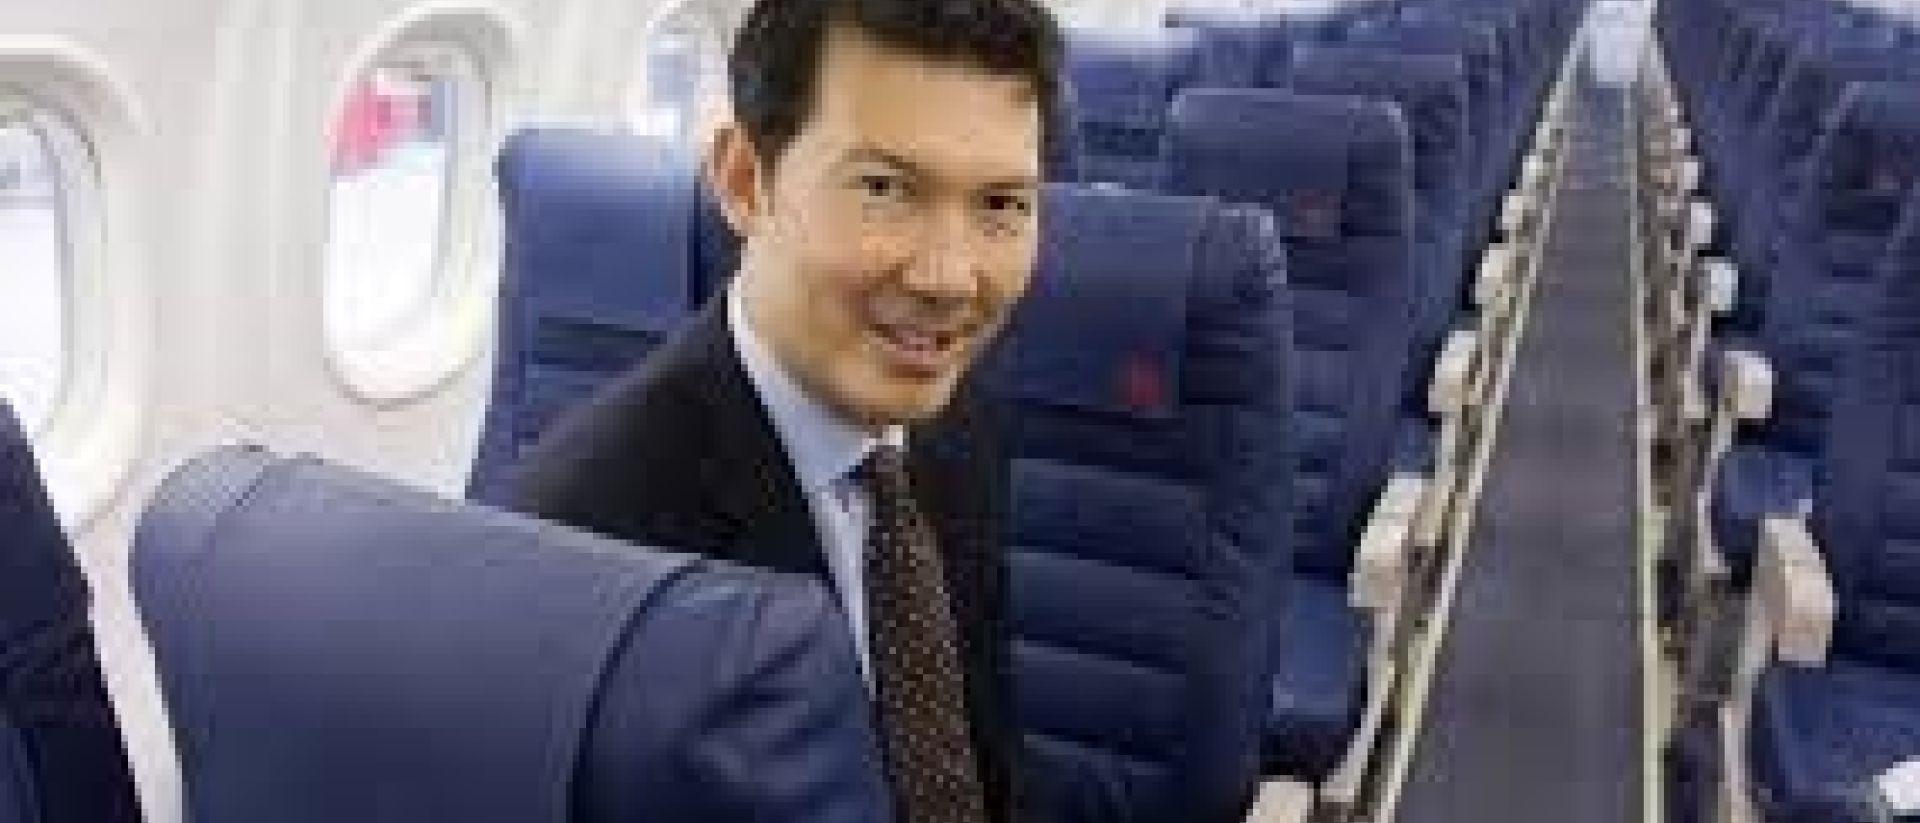 El nuevo presidente de Air France-KLM es Benjamin Smith | Expreso